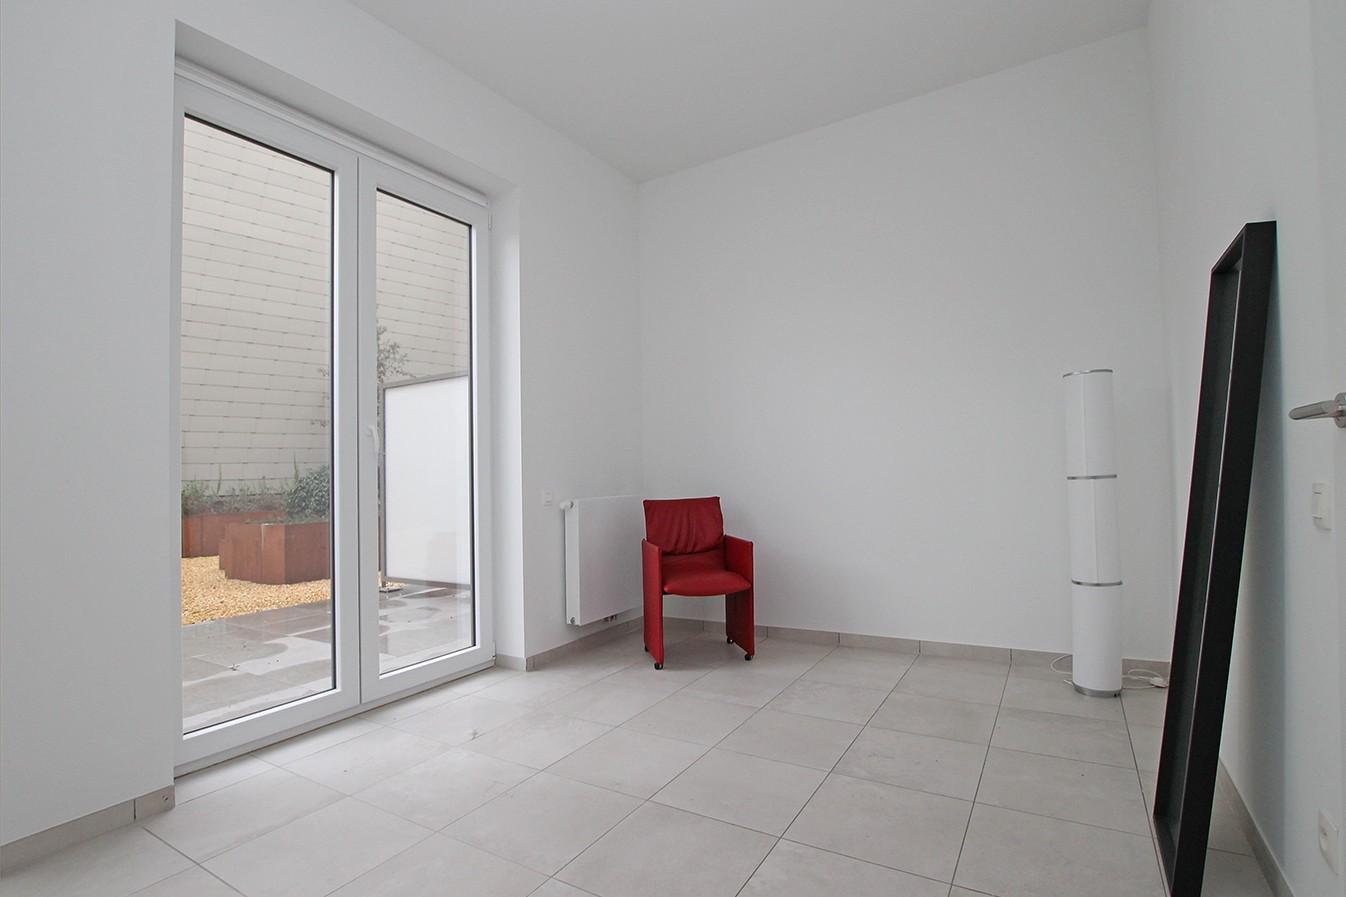 Prachtig appartement met één slaapkamer nabij het hippe Park Spoor Noord! afbeelding 4